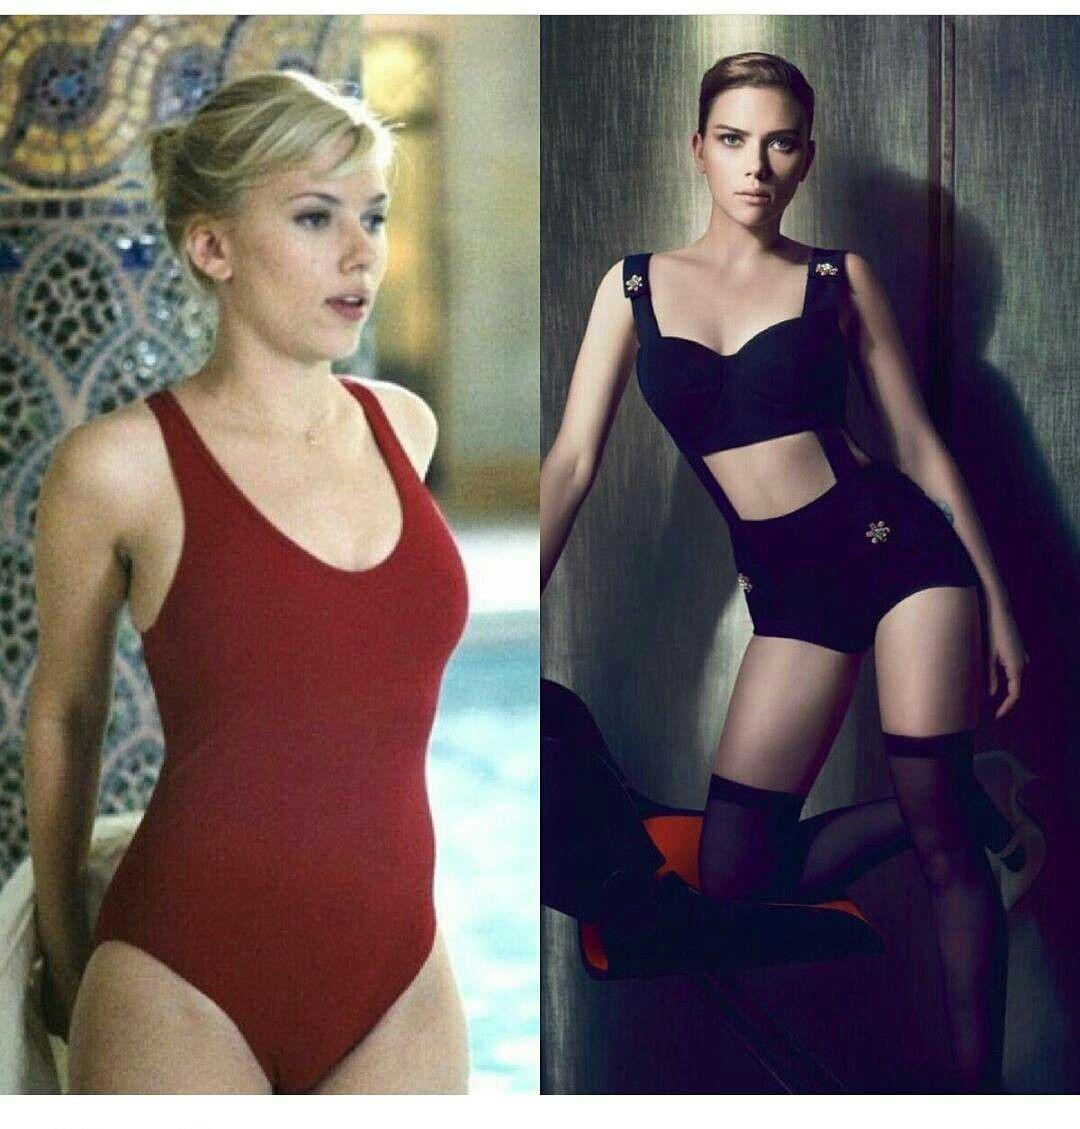 Scarlett Johansson, policewoman by tylo3 on DeviantArt in